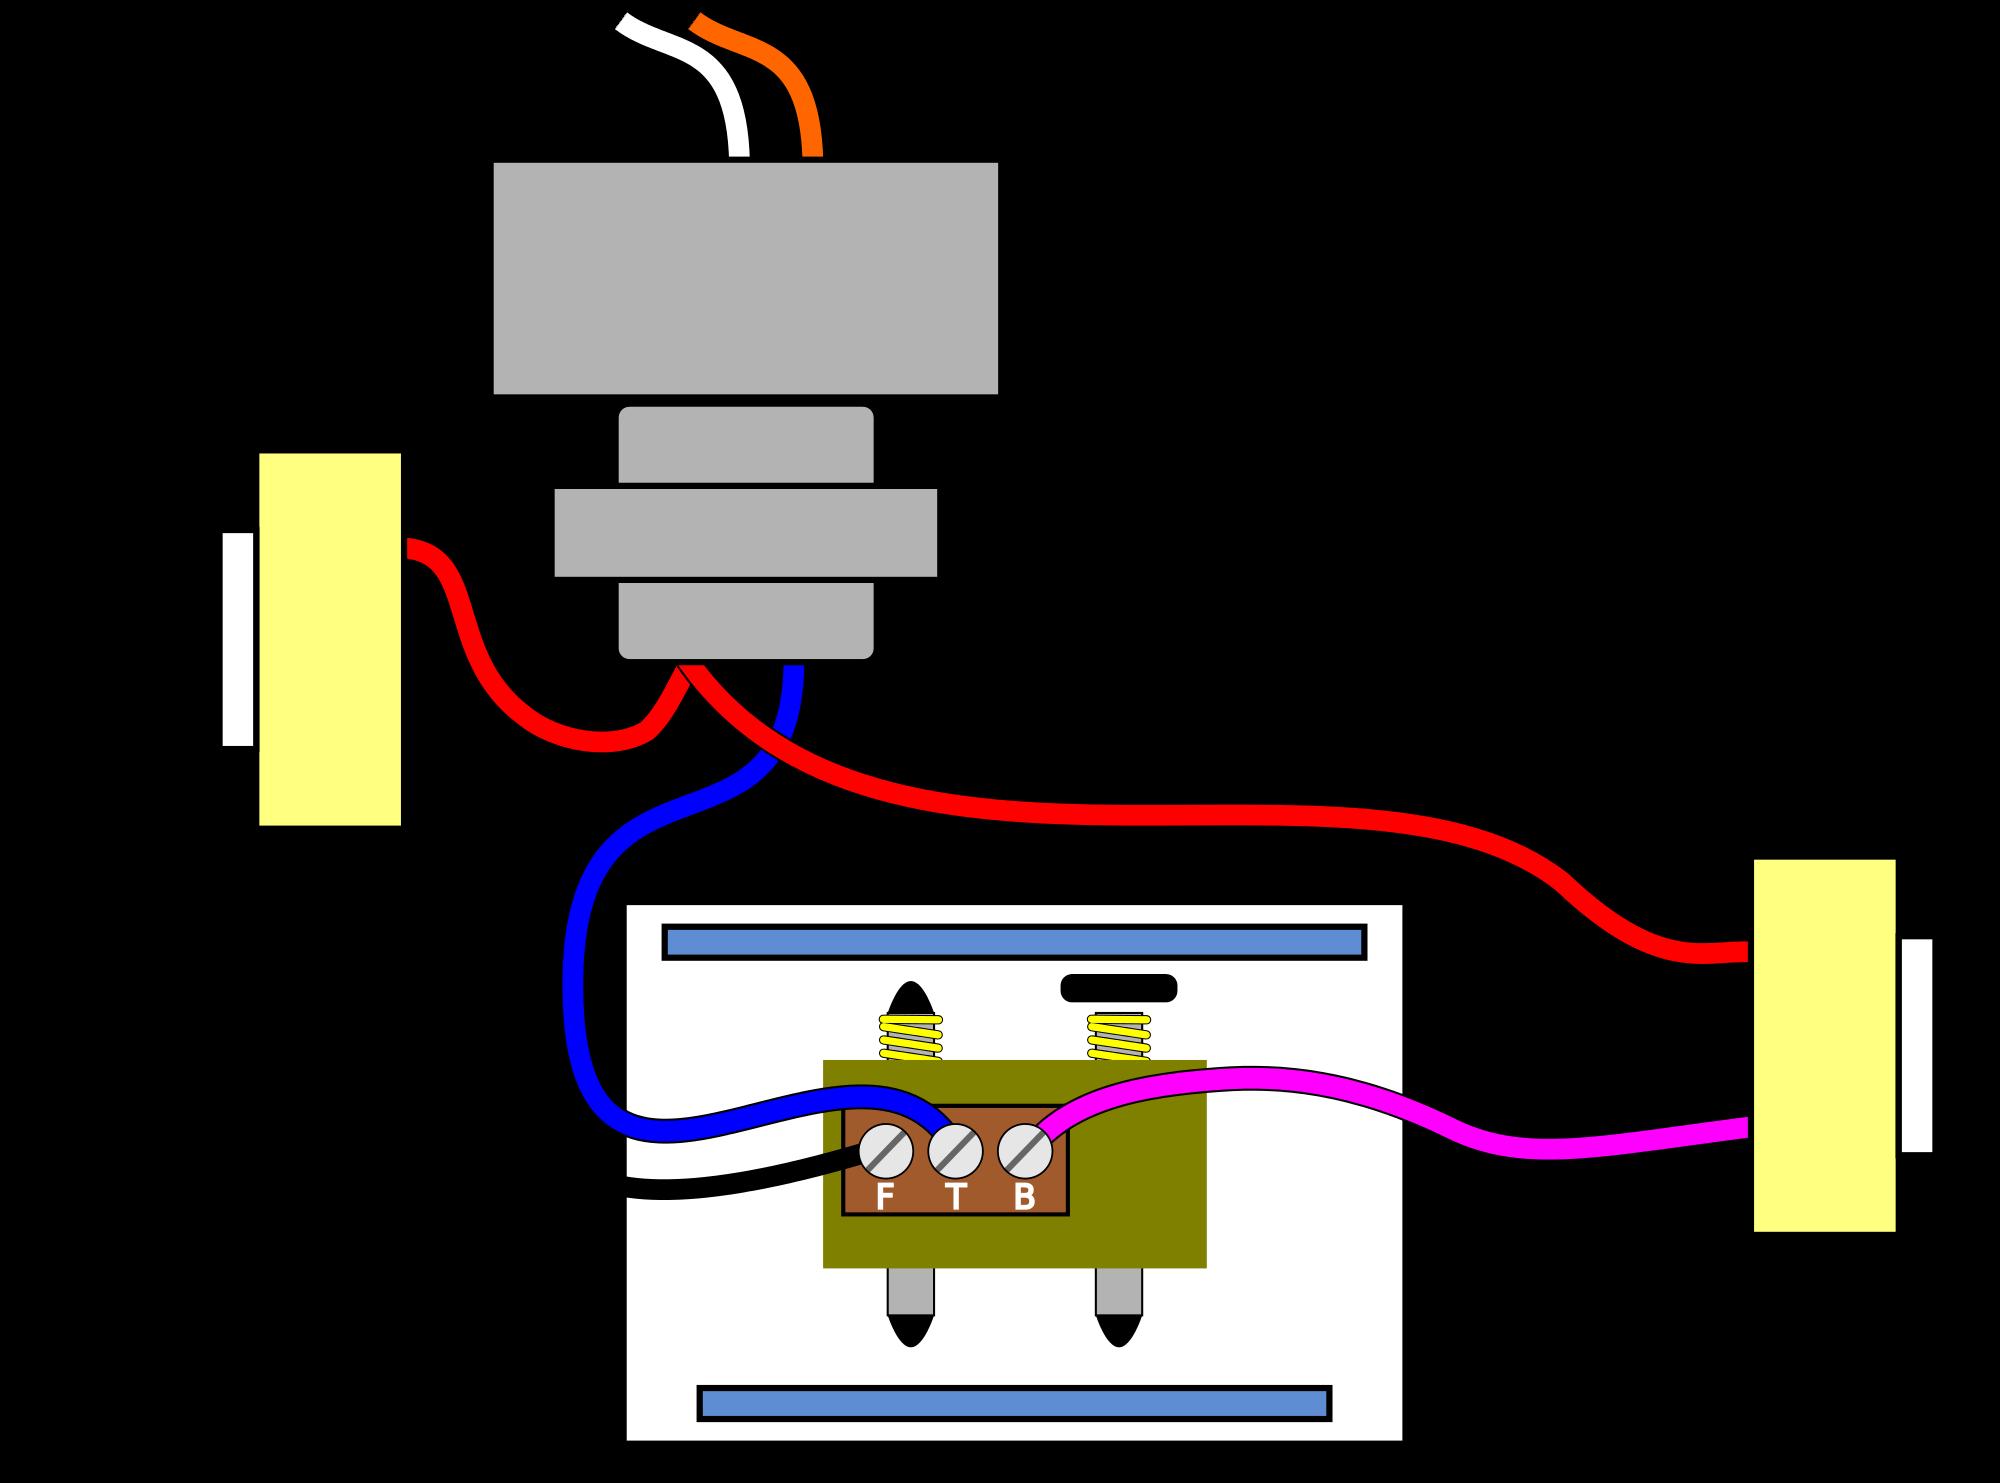 Doorbell Wiring Pictorial Diagram  Eee In 2019